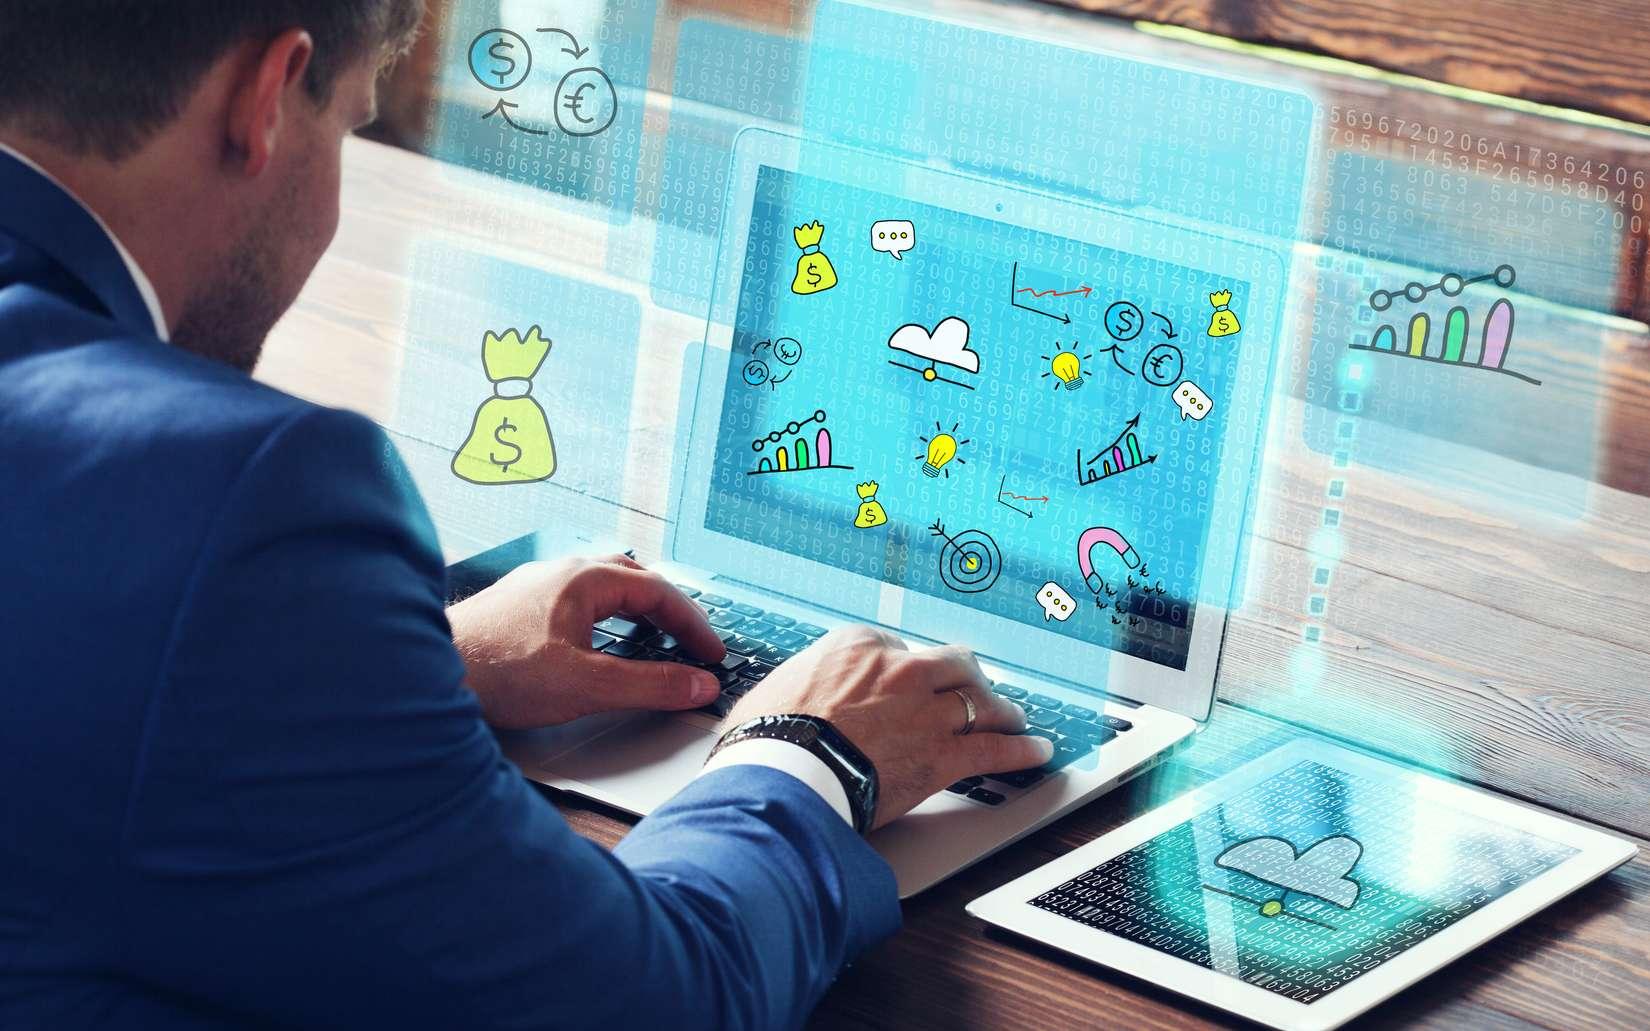 Principale mission du webmarketer, rendre le site de son entreprise visible afin d'augmenter les visites d'internautes et les ventes potentielles. © putilov_david, Fotolia.